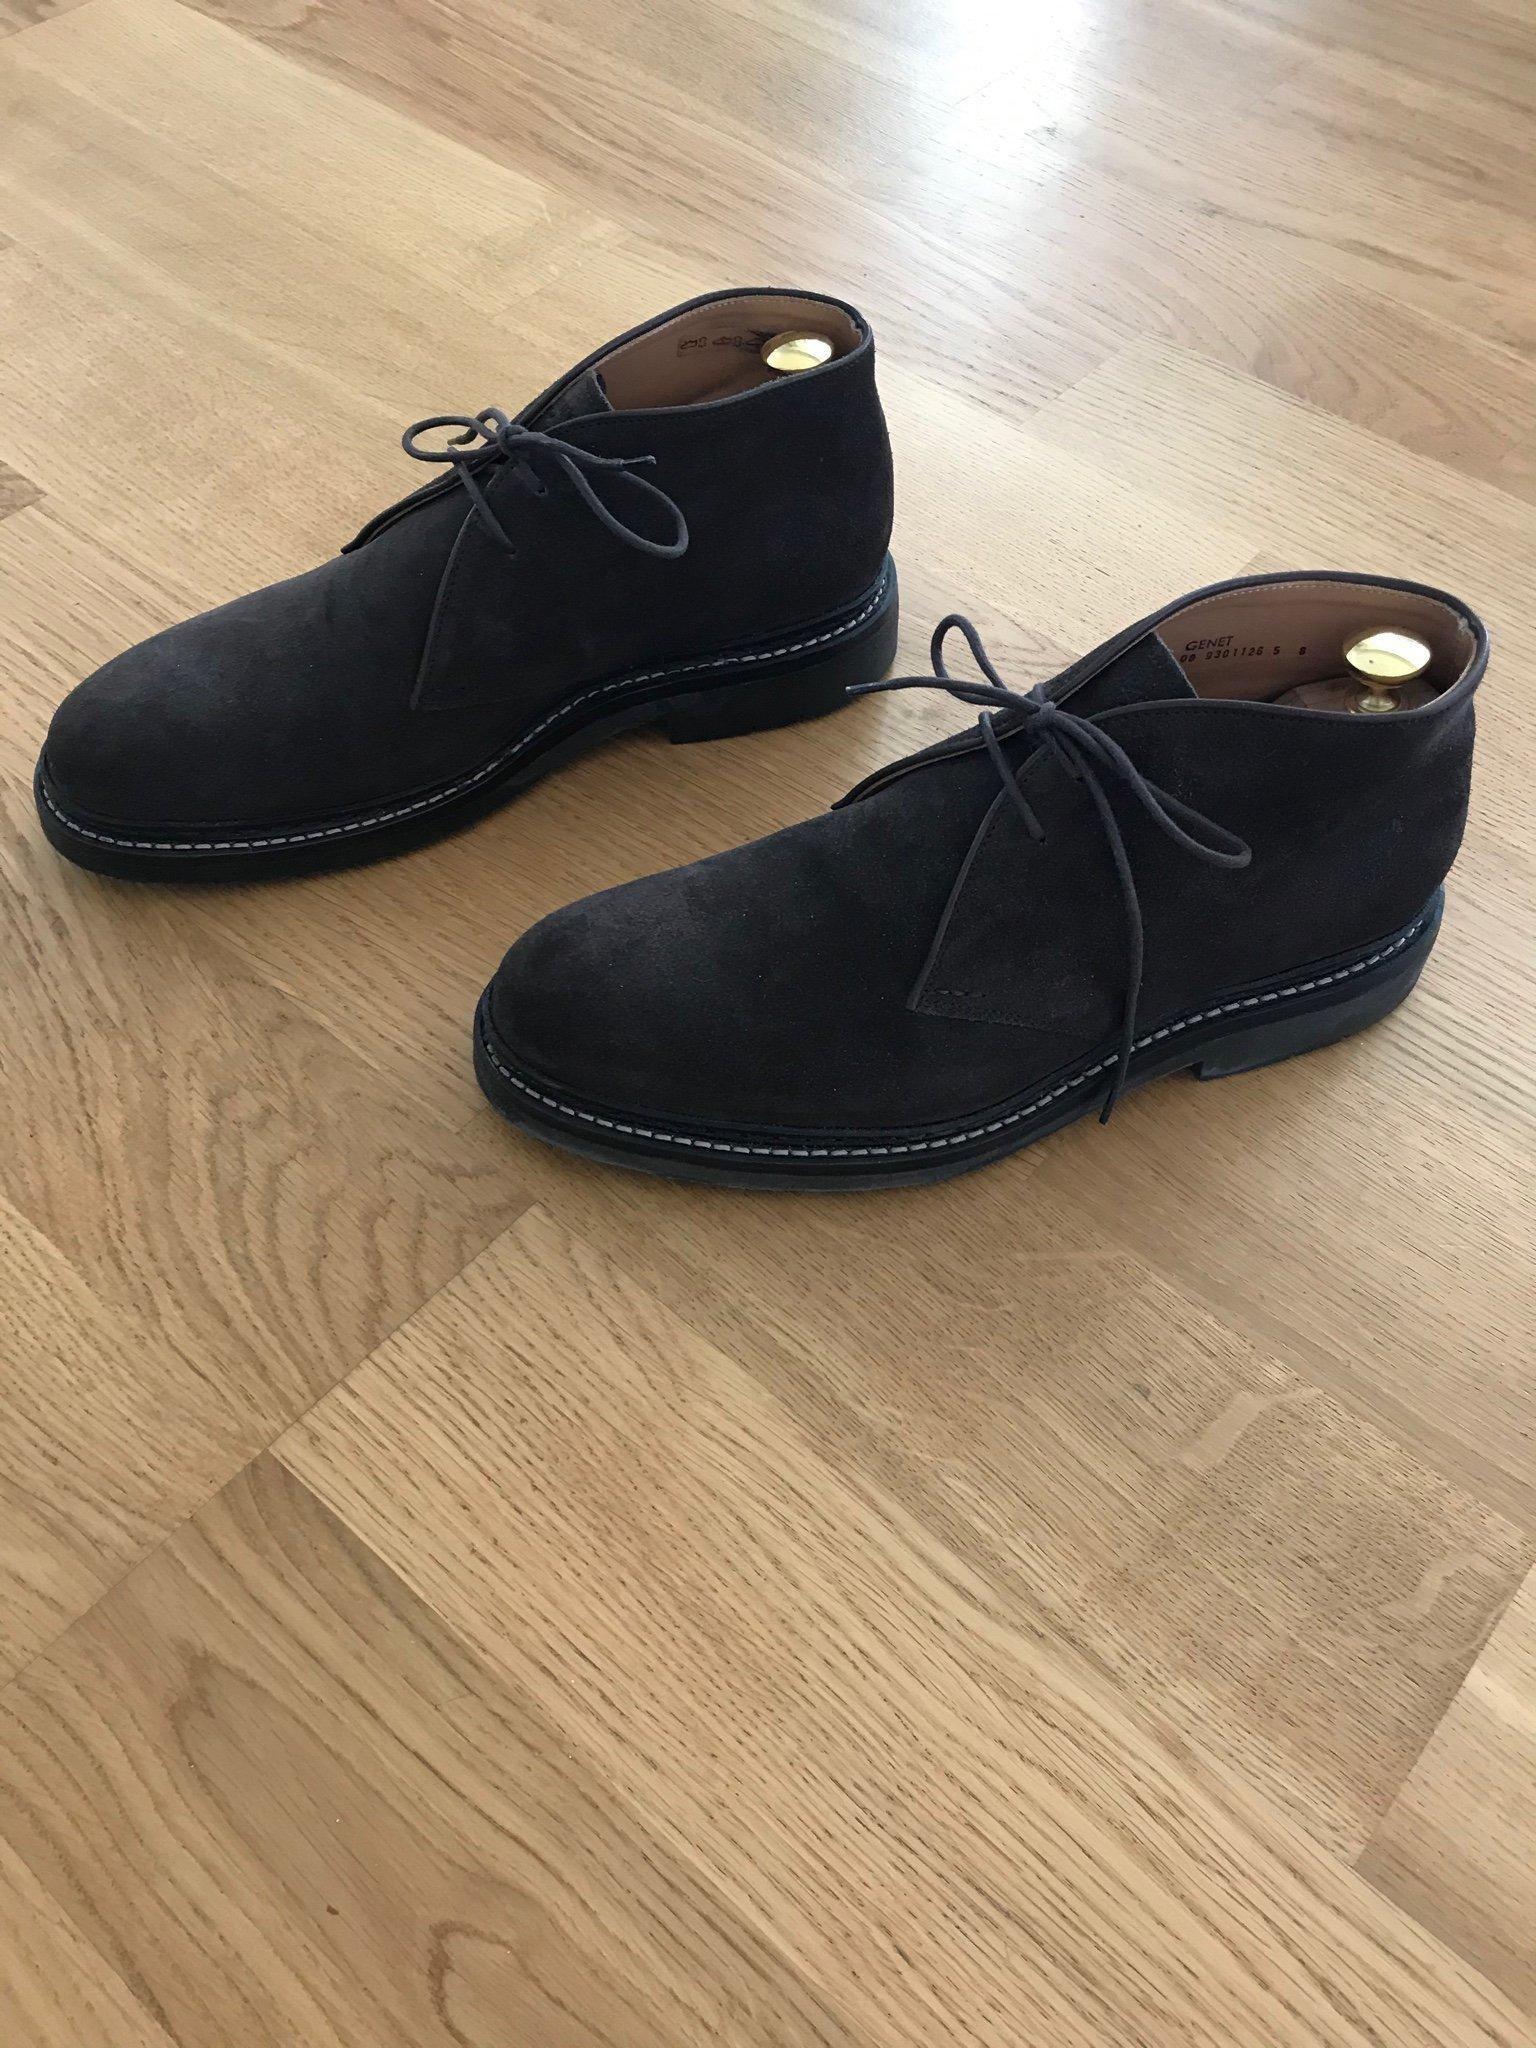 Heschung Genet chukka boot dark Brown Suede UK8 42